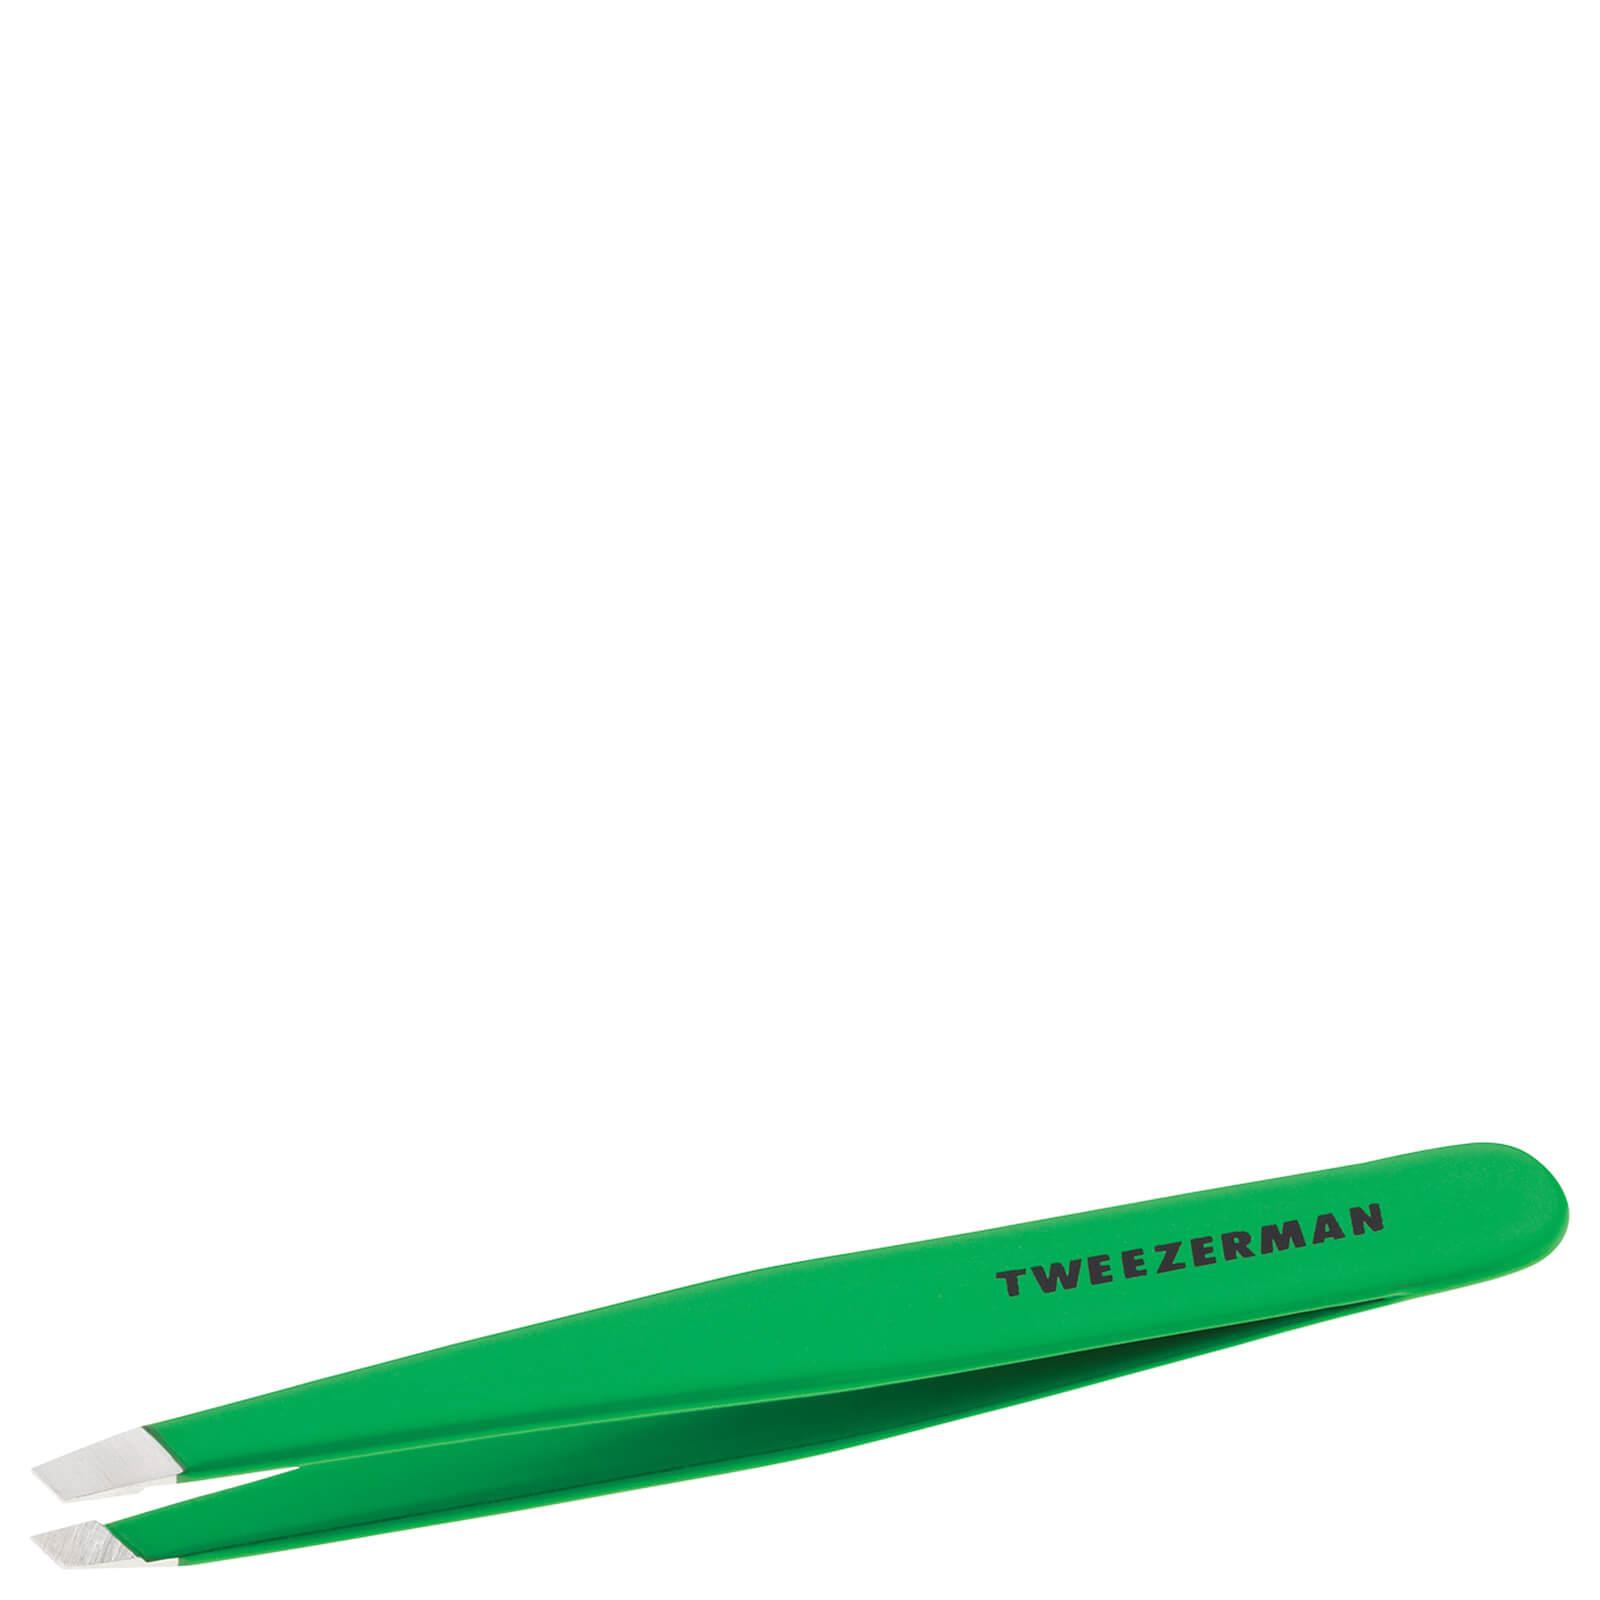 Купить Tweezerman Slant® Tweezer- Apple Green